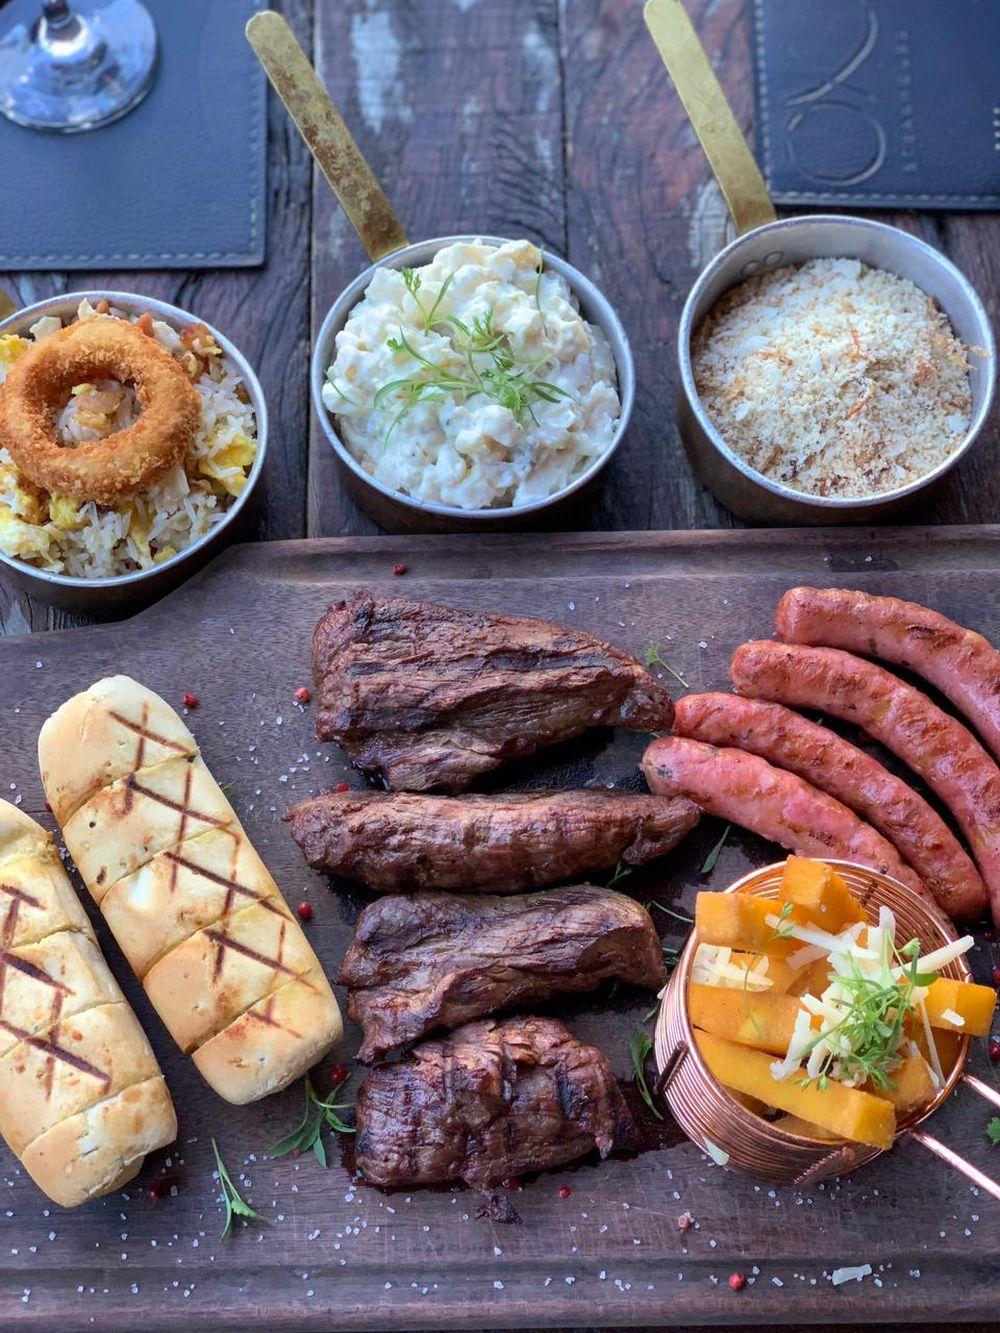 ox room steakhouse - promo dia dos pais 2 kit churrasco - foto divulgacao